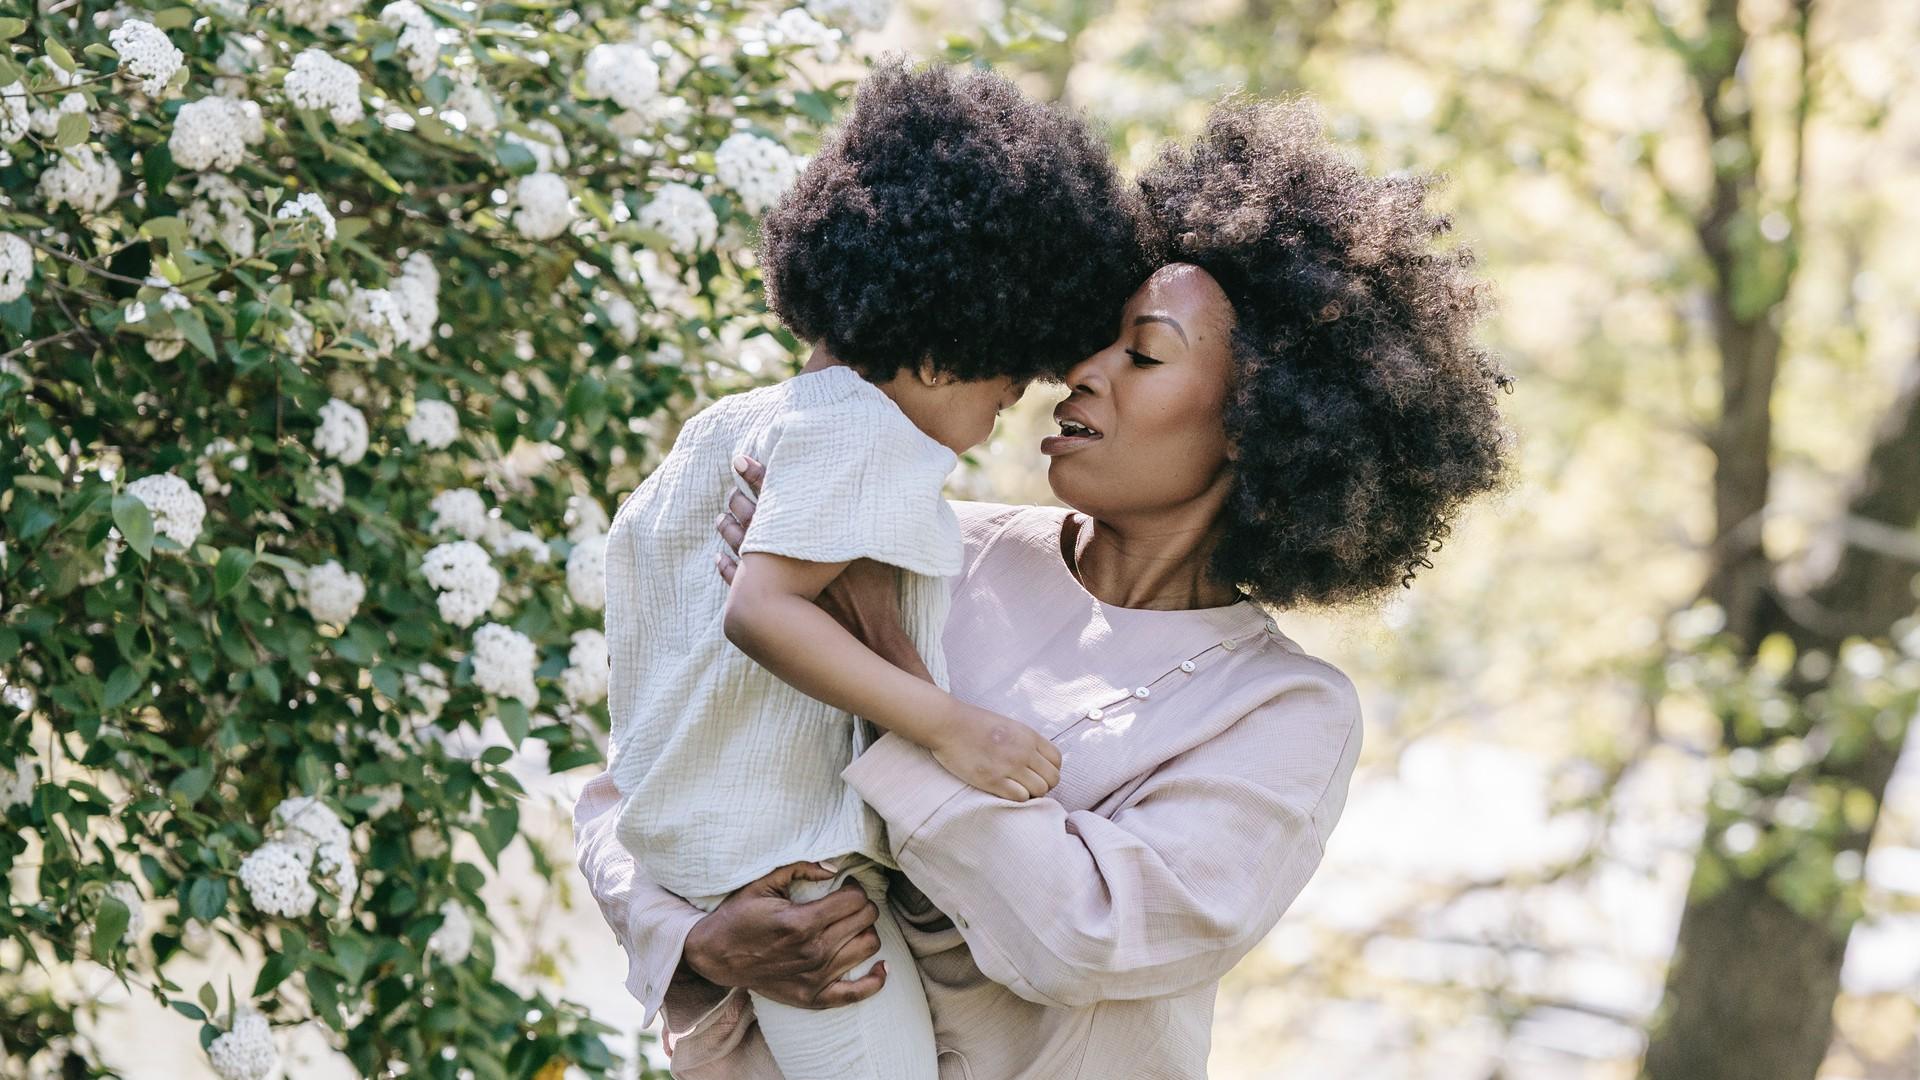 Frau mit Kind ohne das Gesicht zu sehen